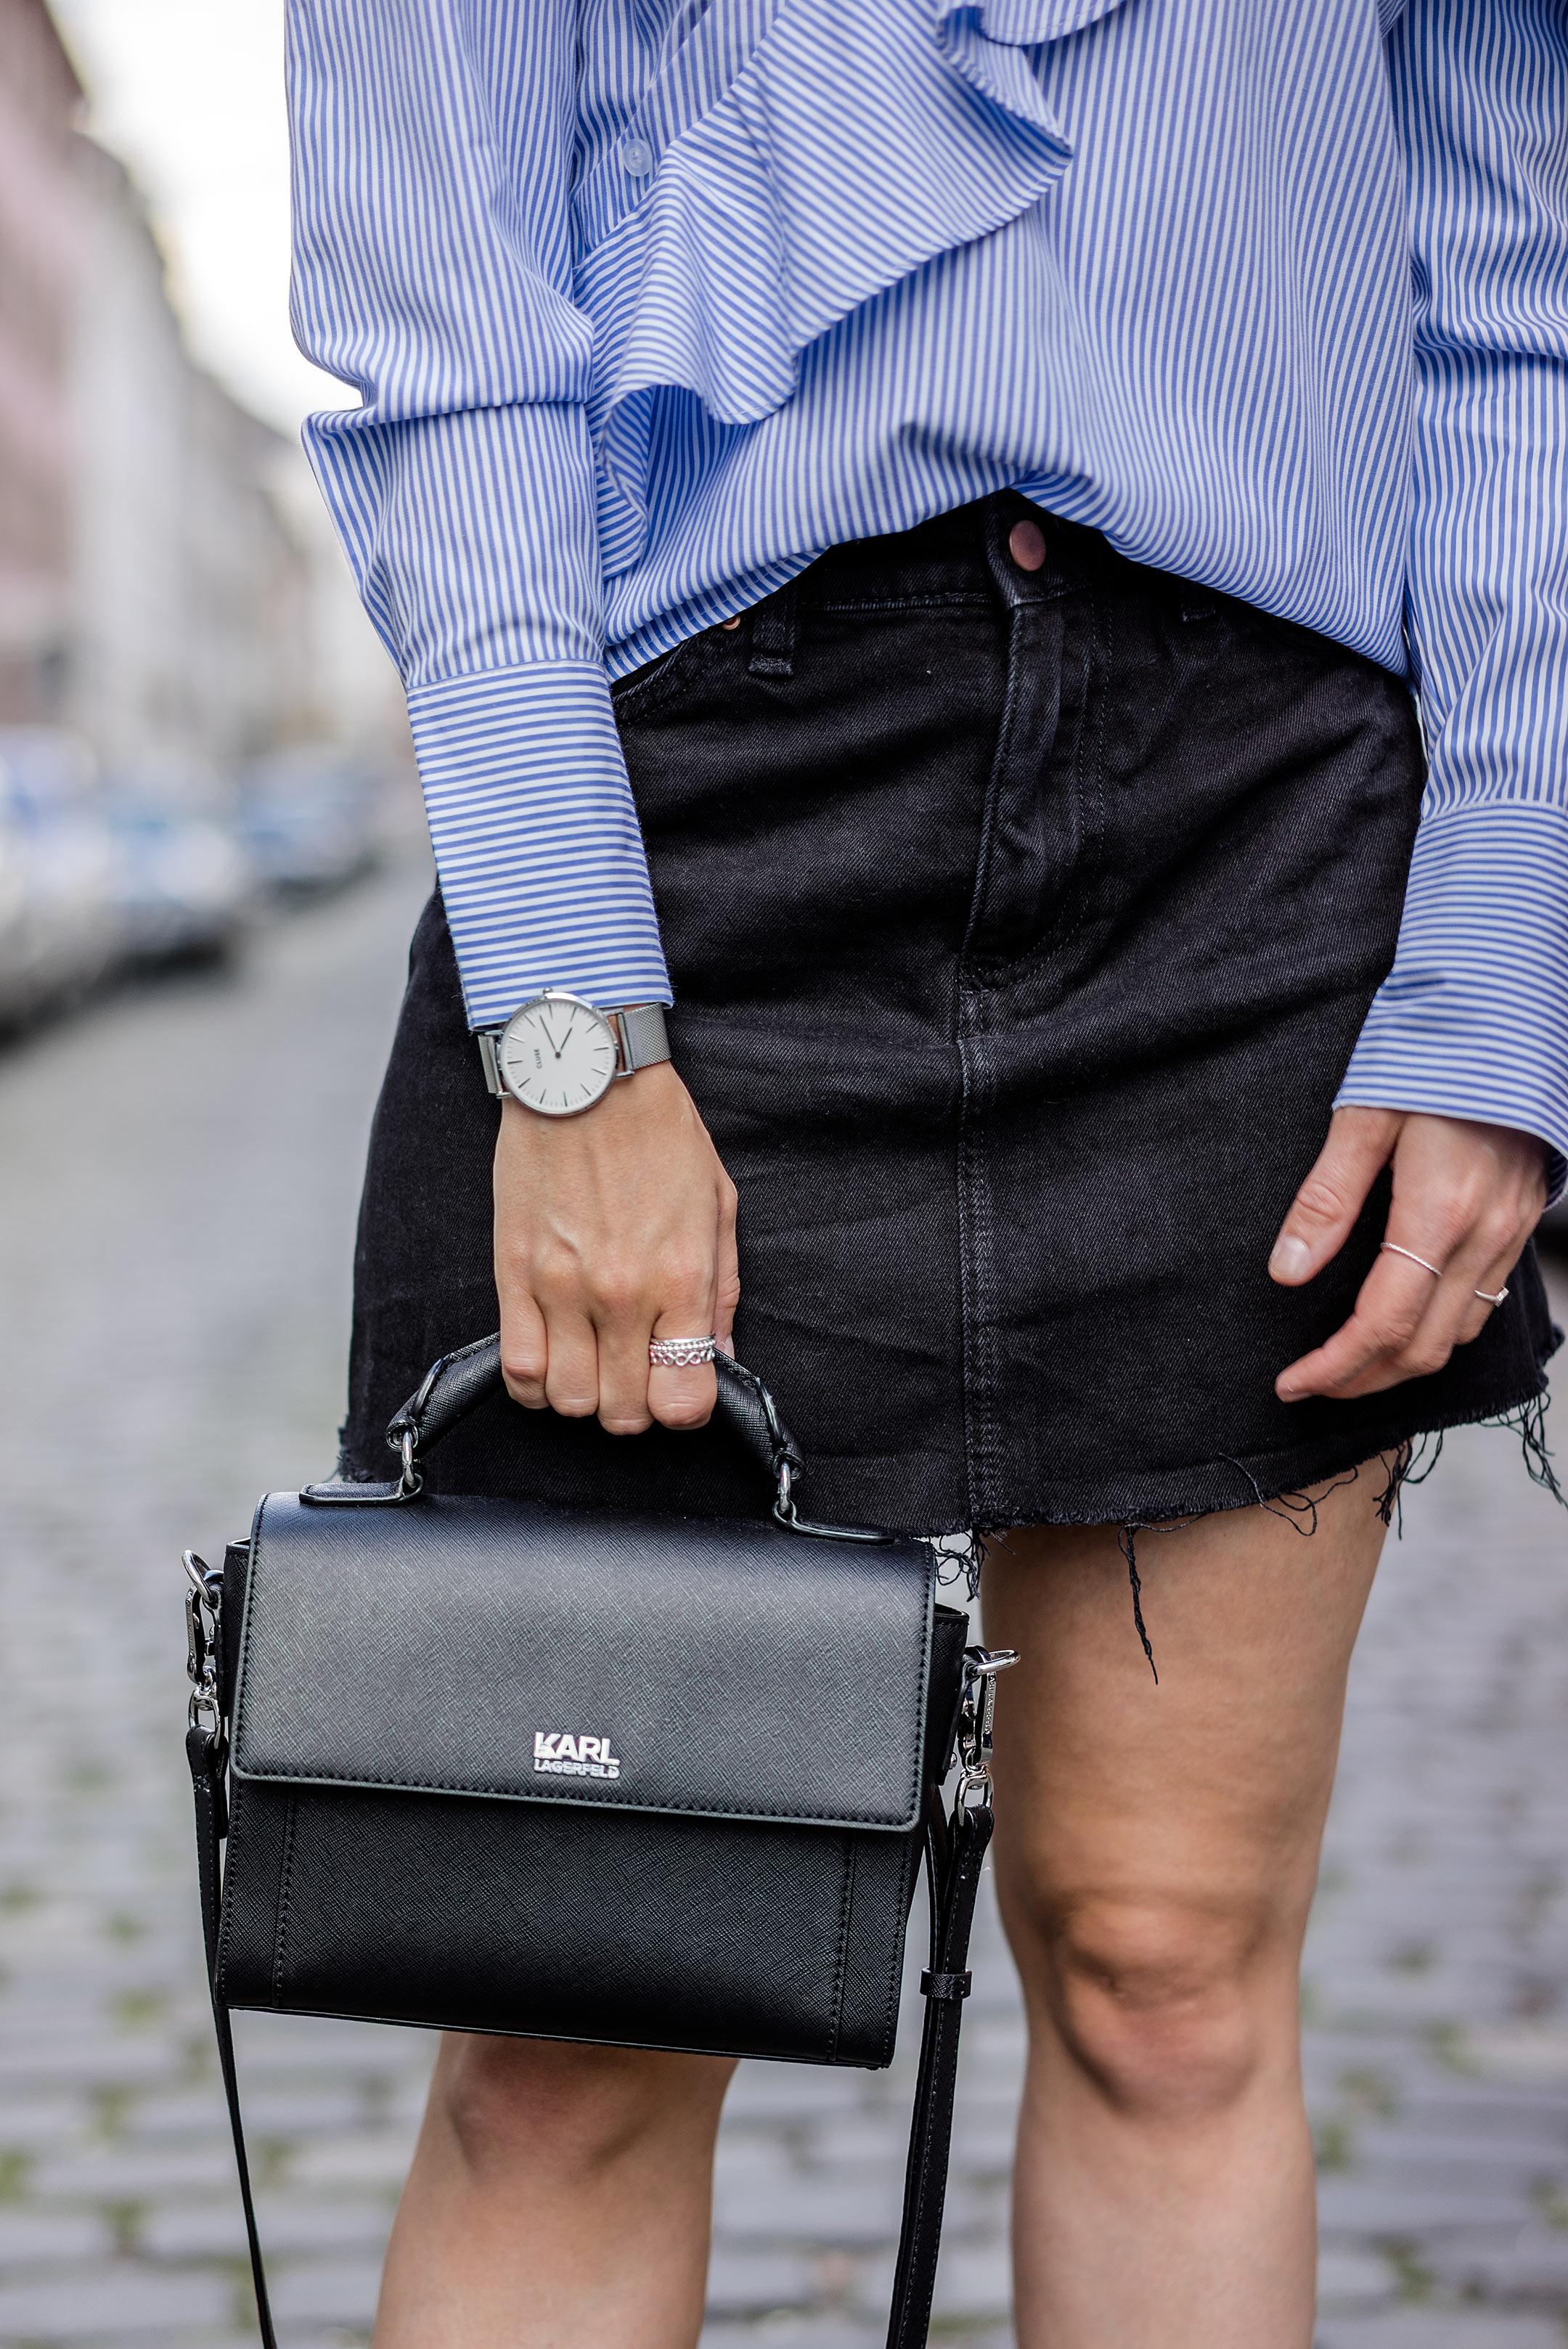 Karl Lagerfeld Handtasche schwarz klassisch Outfit Fashionblog